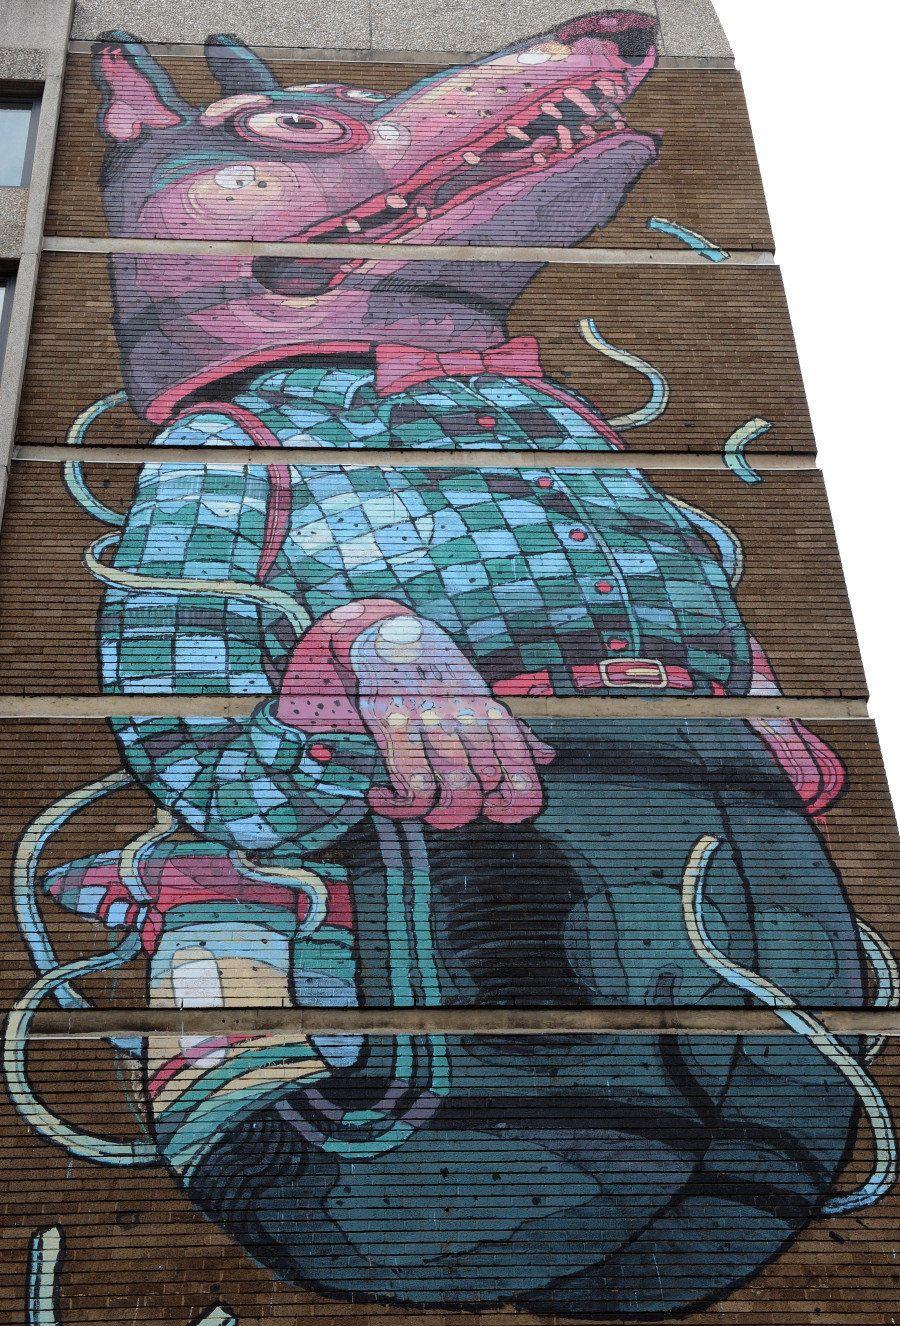 25 artistas que estão mudando a arte de rua em todo o mundo